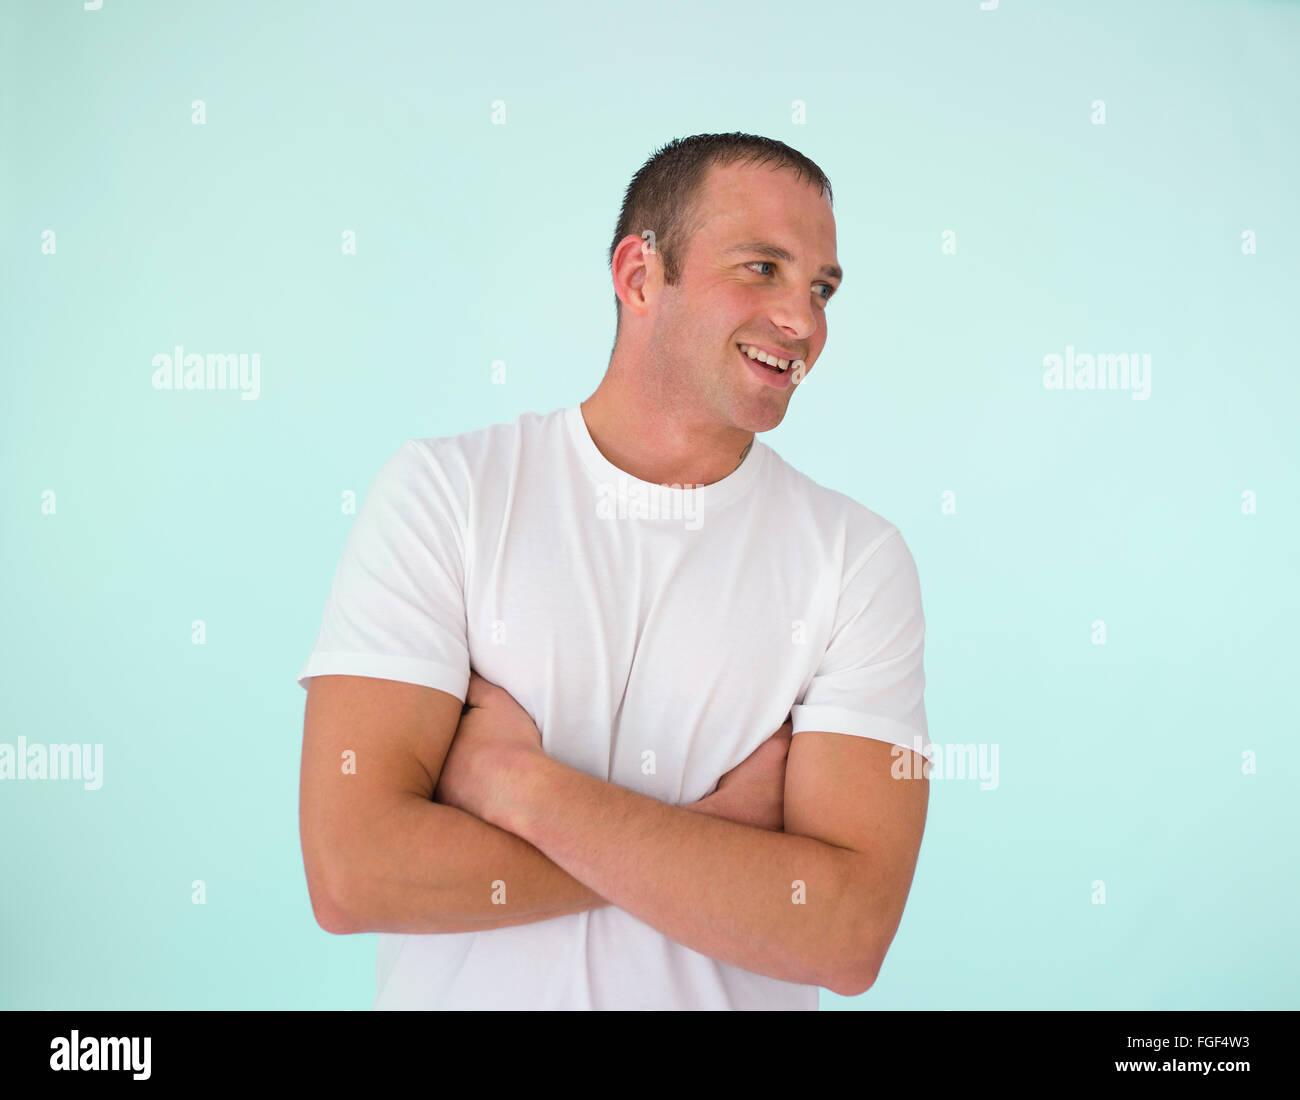 Hombre con los brazos cruzados, sonriendo Imagen De Stock